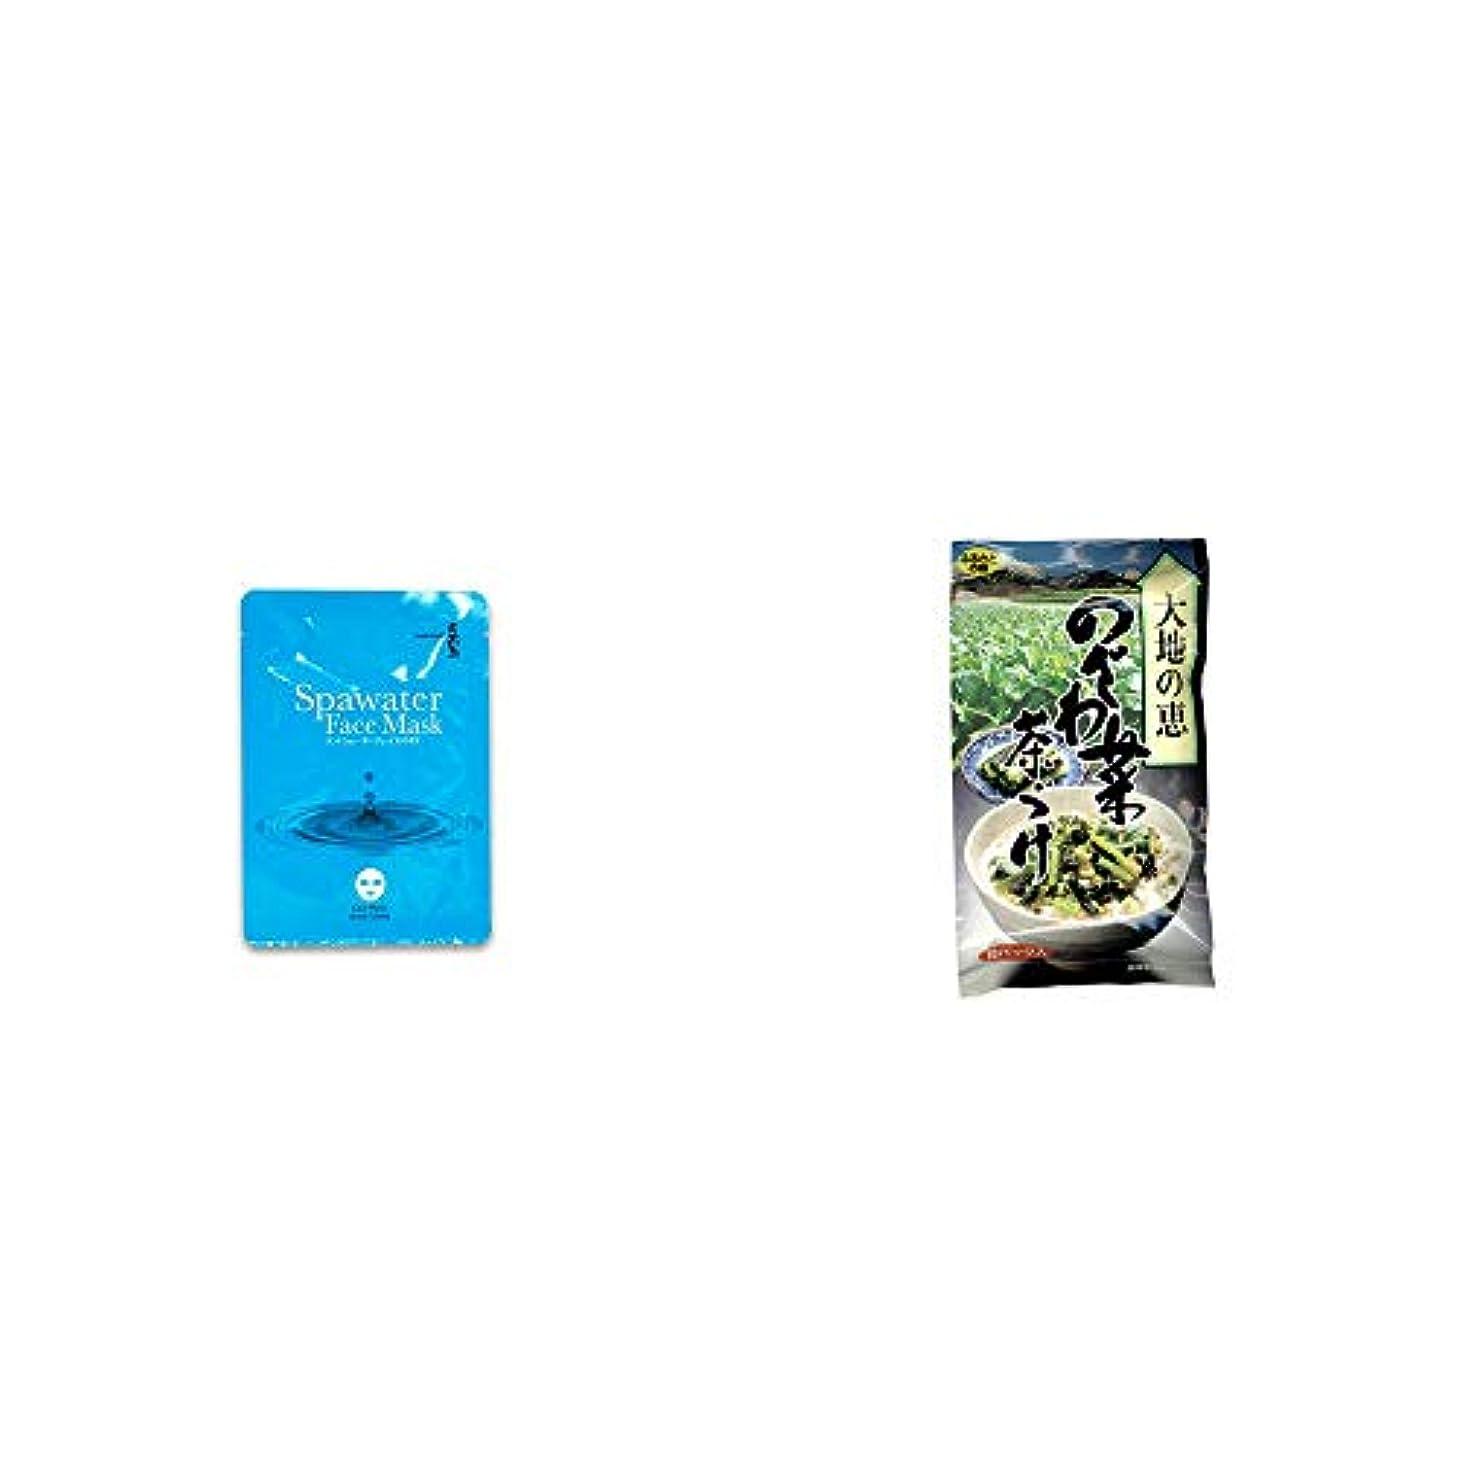 フラスコノベルティ鳥[2点セット] ひのき炭黒泉 スパウォーターフェイスマスク(18ml×3枚入)?特選茶漬け 大地の恵 のざわ菜茶づけ(10袋入)